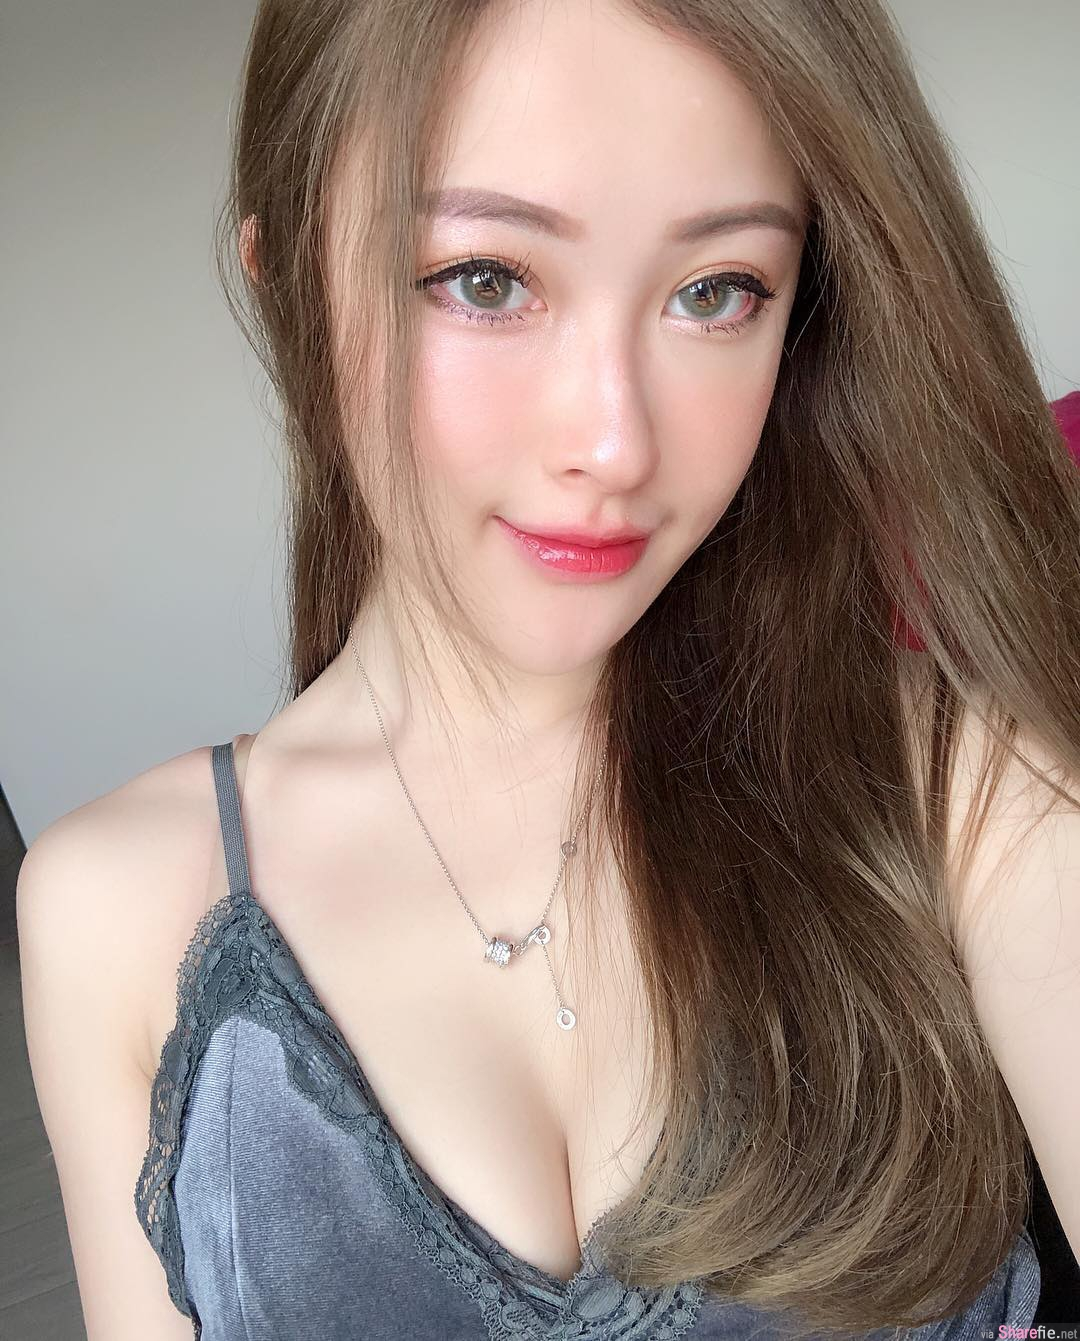 香港正妹刘丝丝,超短热裤网友看了全身发热